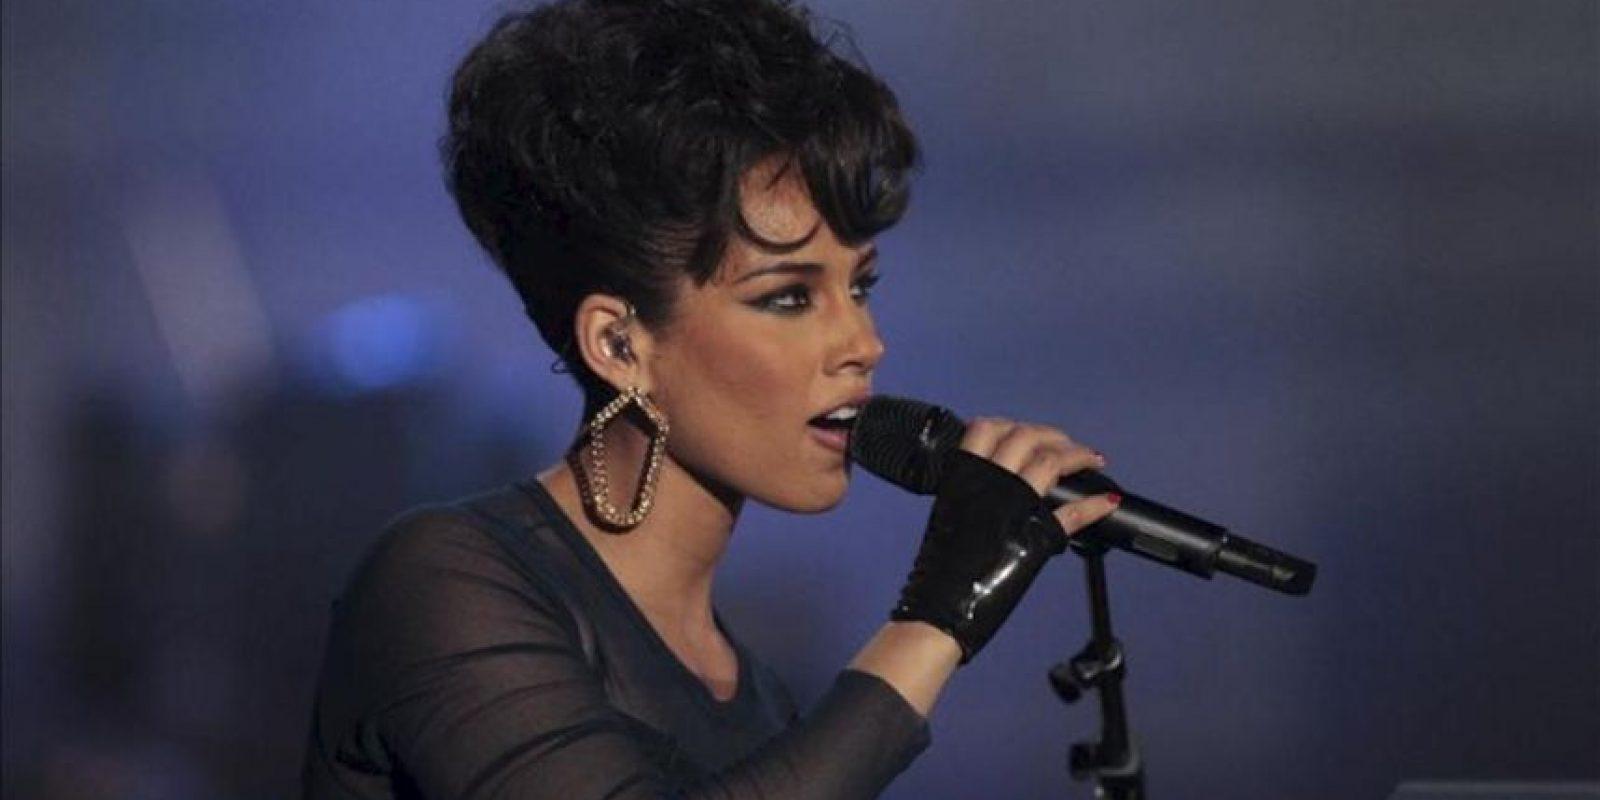 La cantante estadounidense Alicia Keys, galardonada como mejor artista y compositora estadunidense de la última década, durante su actuación en el acto de entrega de los Premios 40 Principales 2012, en Madrid. EFE